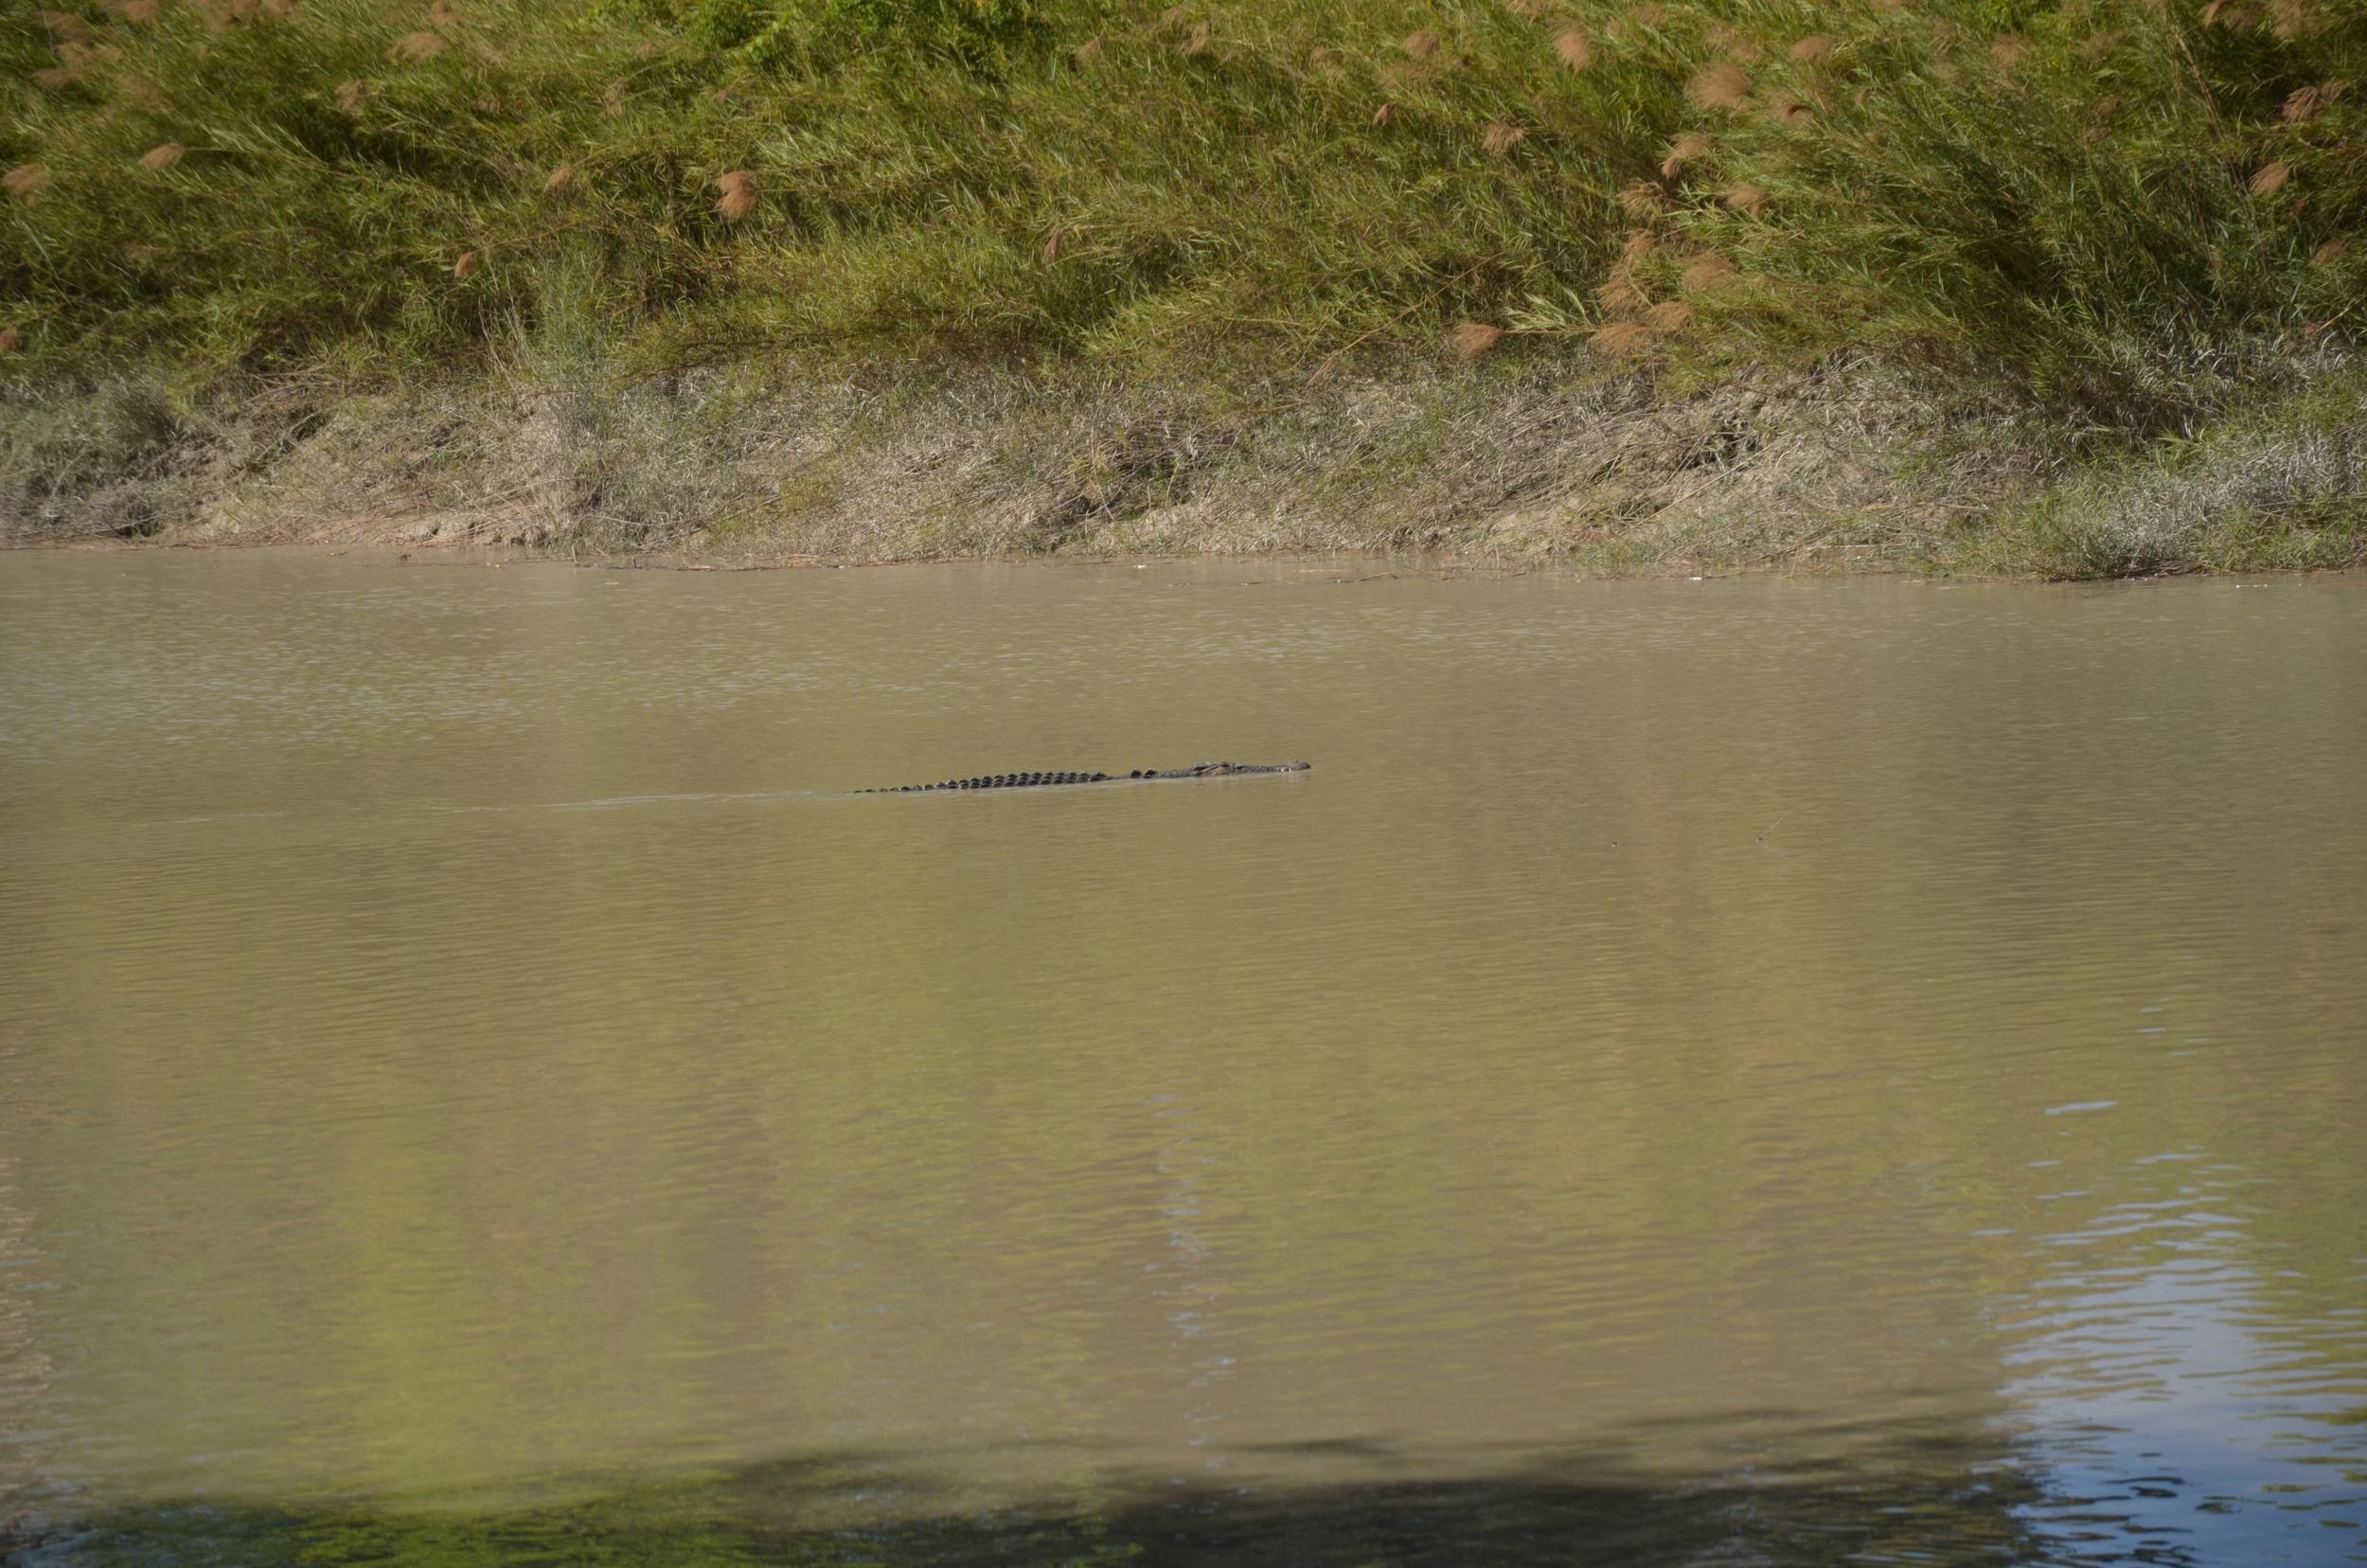 That's not a logodile that's a crocodile!